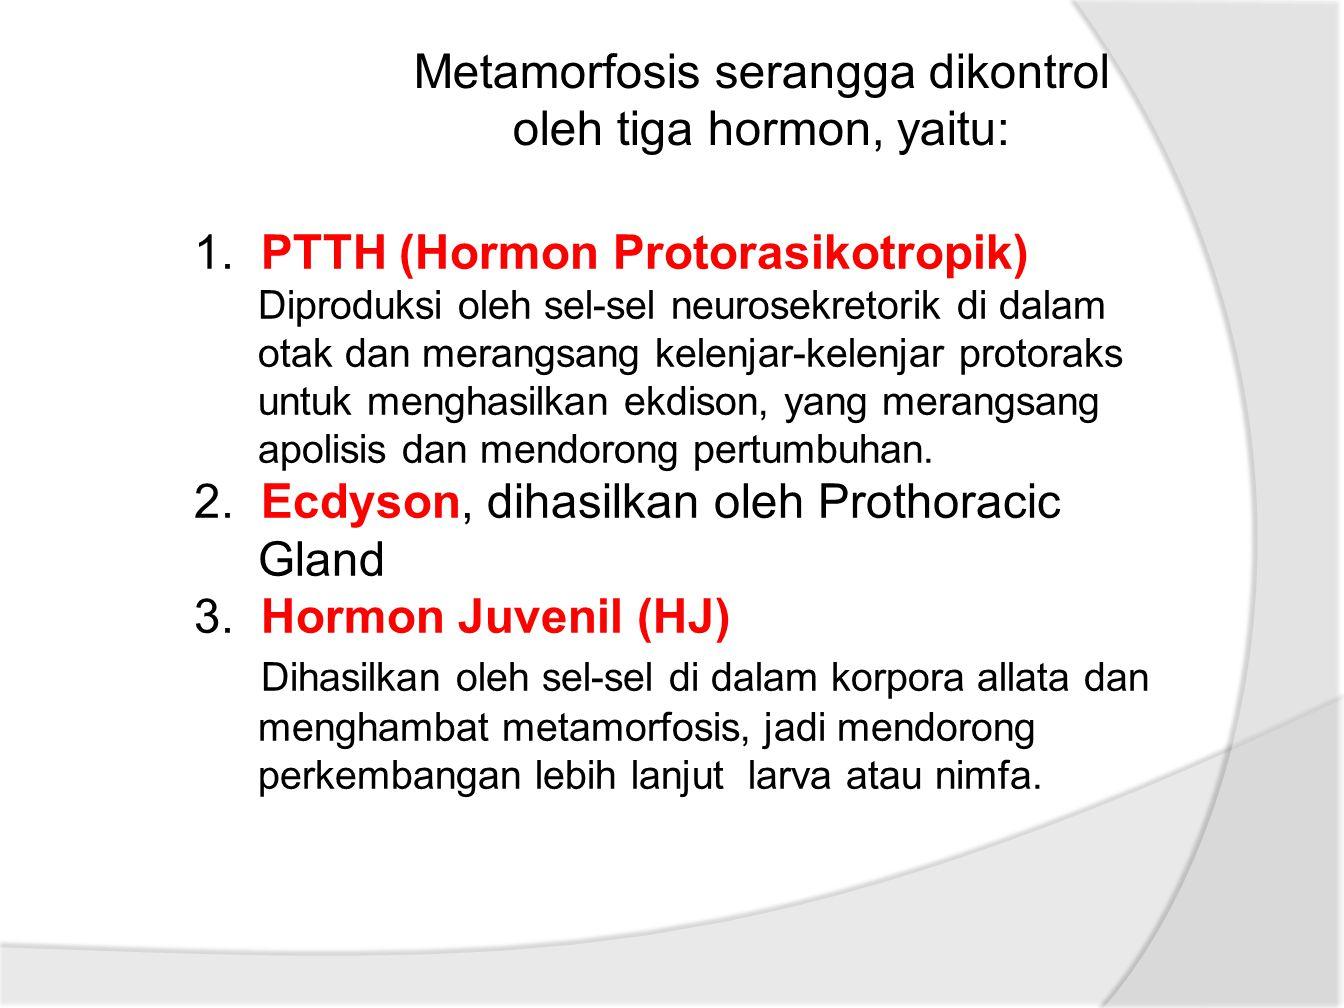 1. PTTH (Hormon Protorasikotropik) Diproduksi oleh sel-sel neurosekretorik di dalam otak dan merangsang kelenjar-kelenjar protoraks untuk menghasilkan